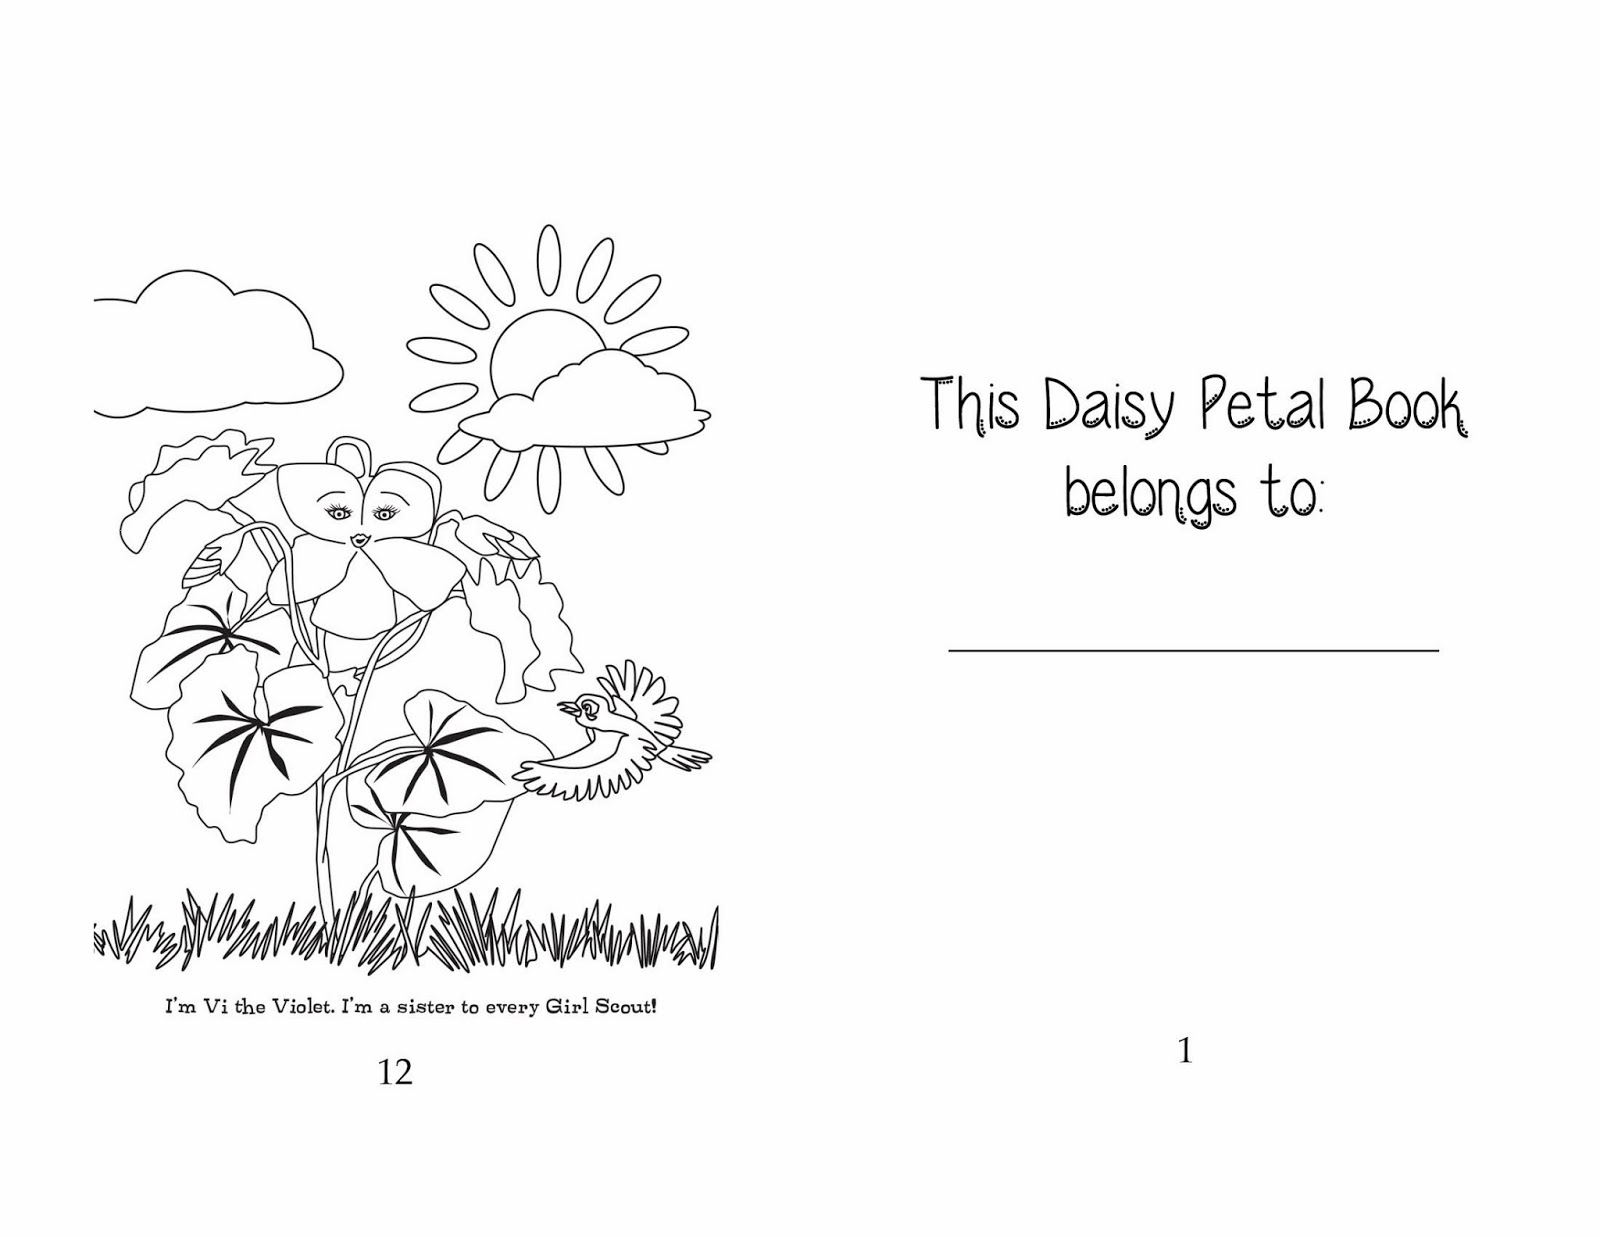 Daisy petals book